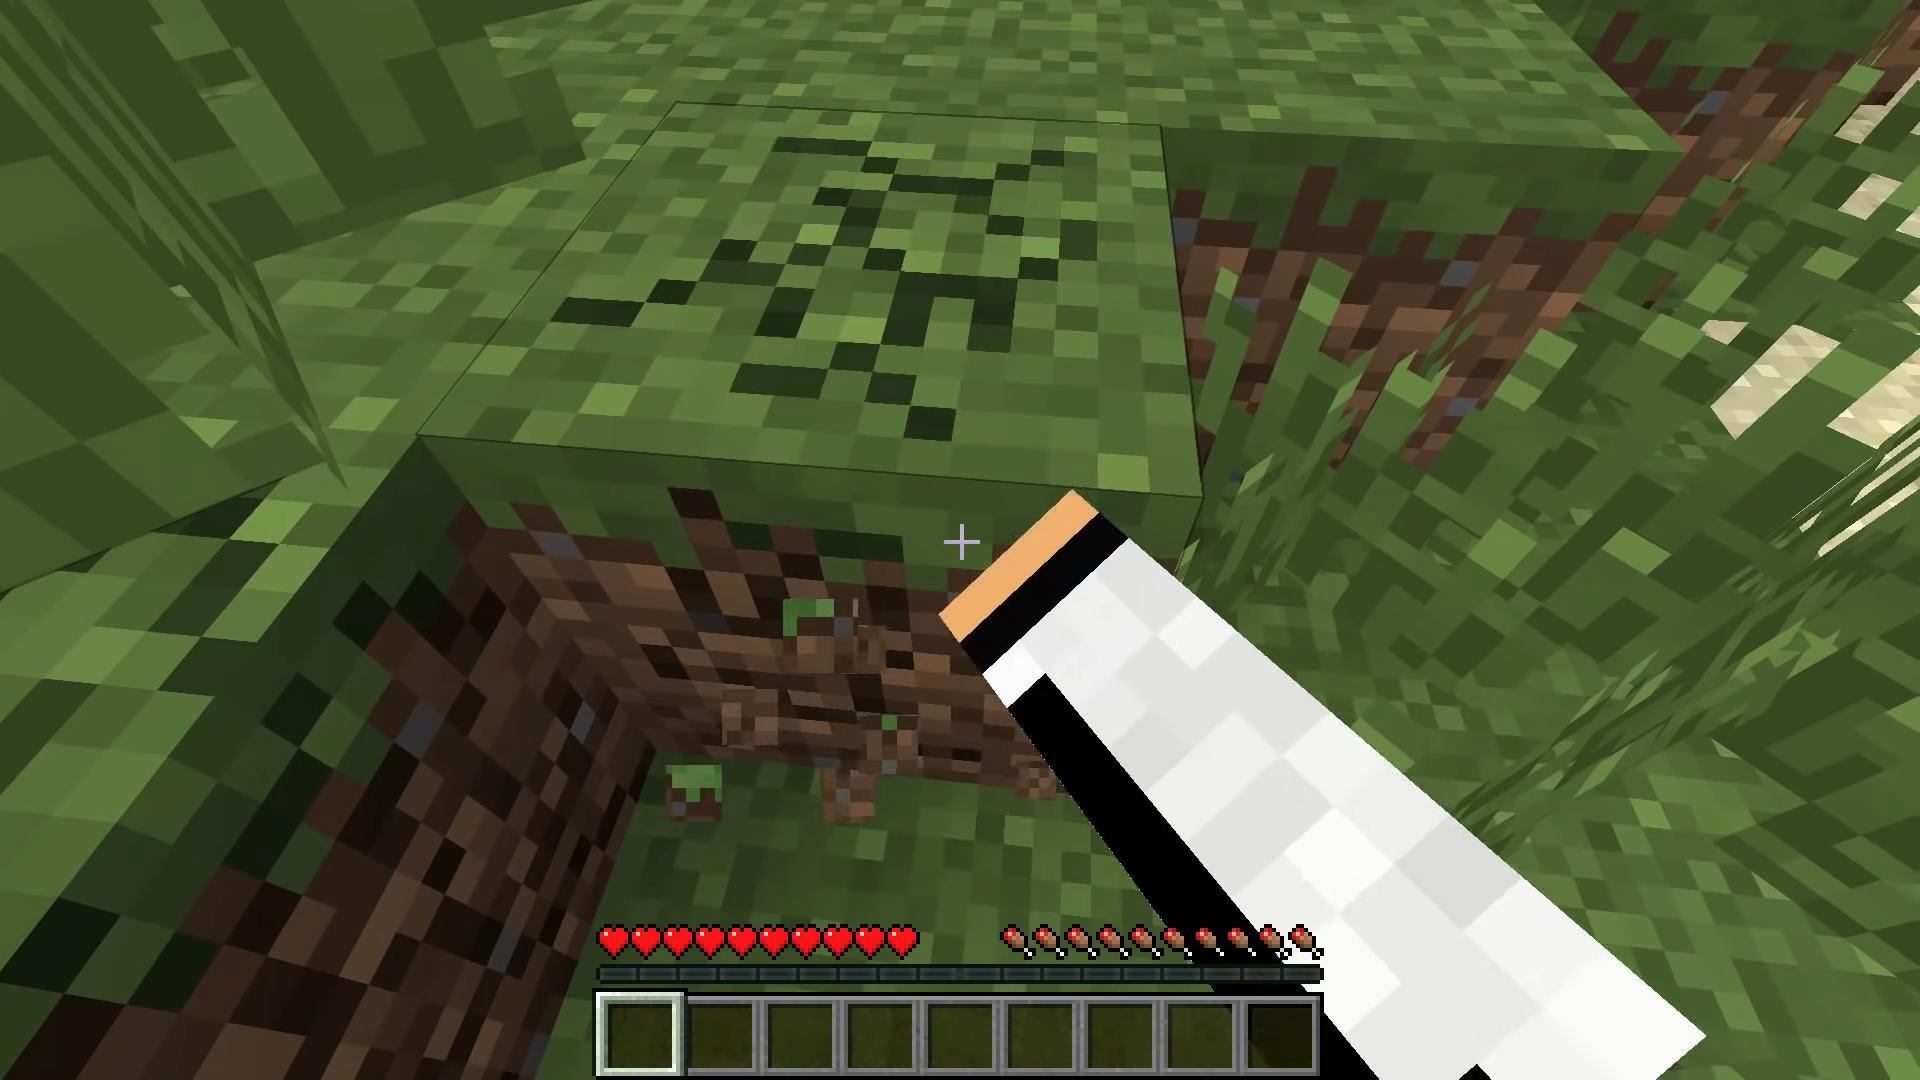 Мод Multi Mine (сохранение состояния блока) - скриншот 1